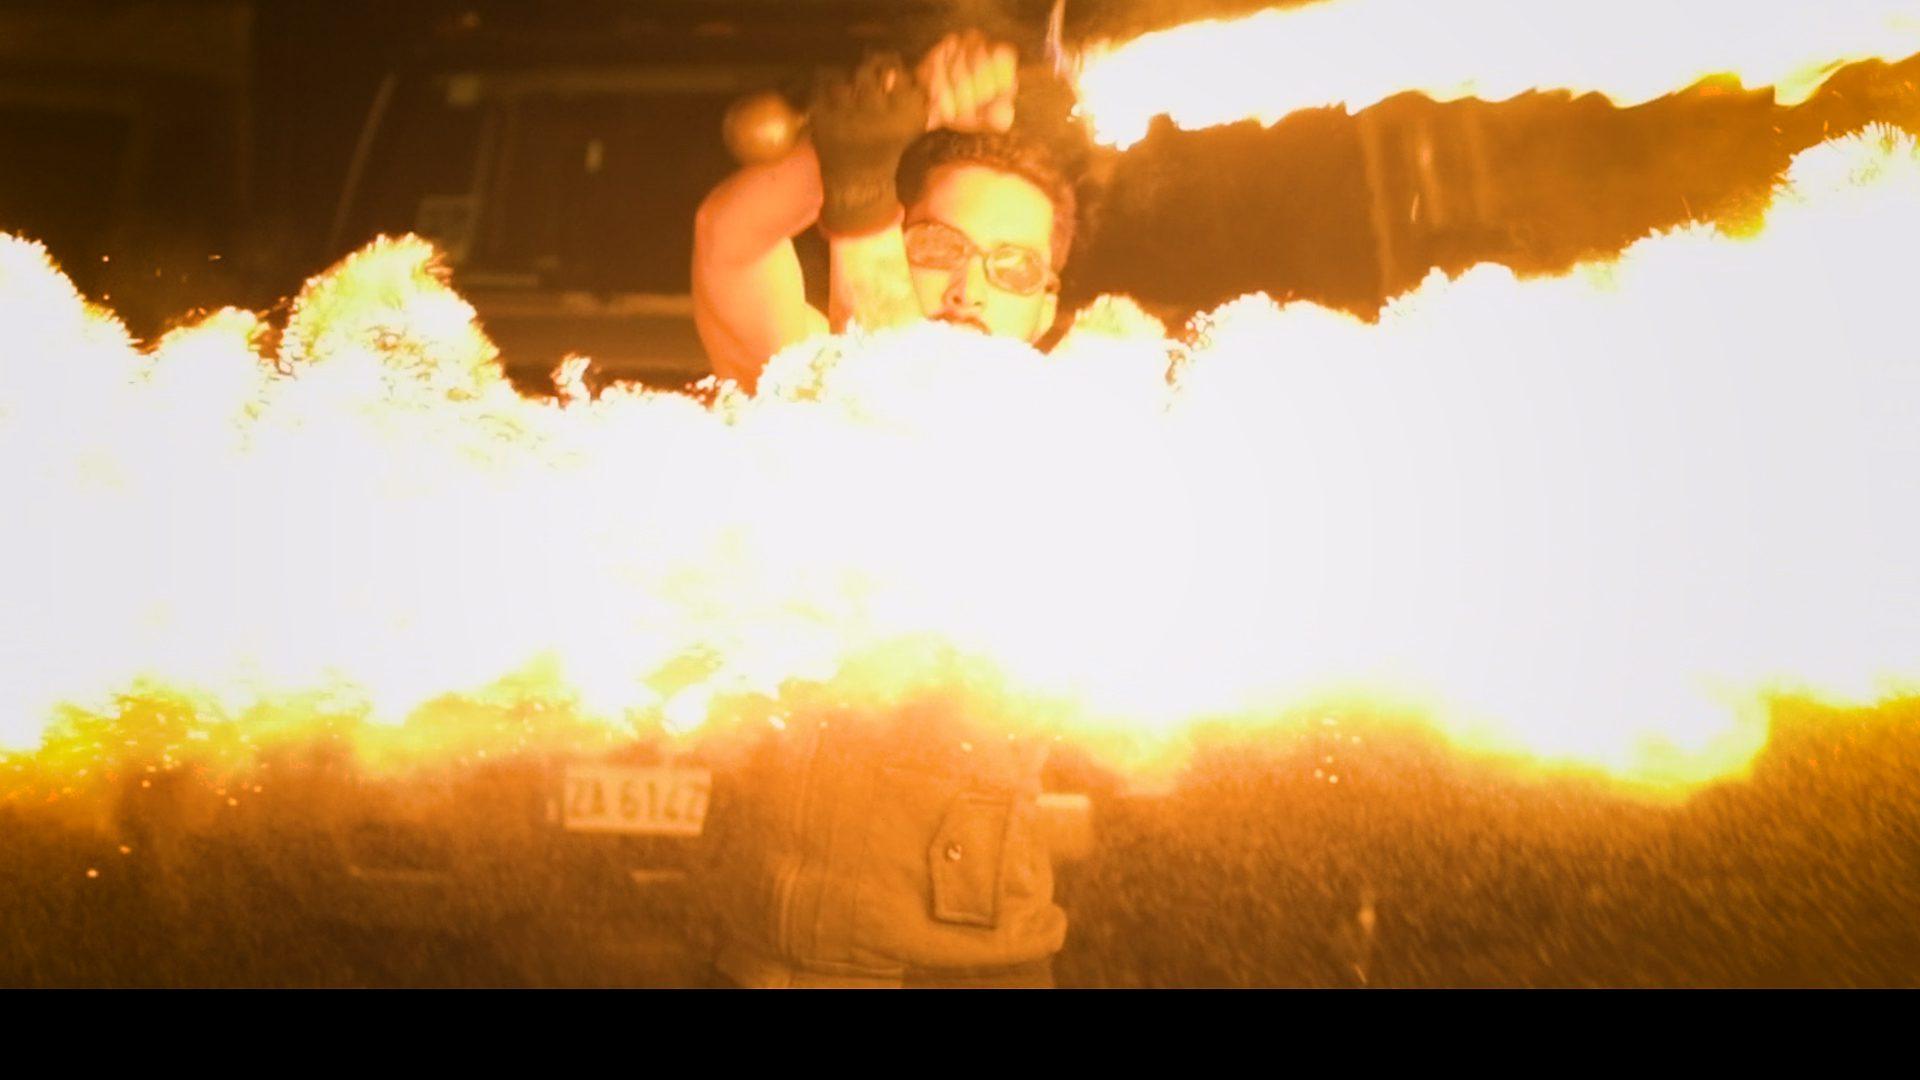 Compagnie Arteflammes natole Jongleur de feu, spectacle de feu, épée de feu, spectacles pyrotechniques, pyrotechnie, art du feu